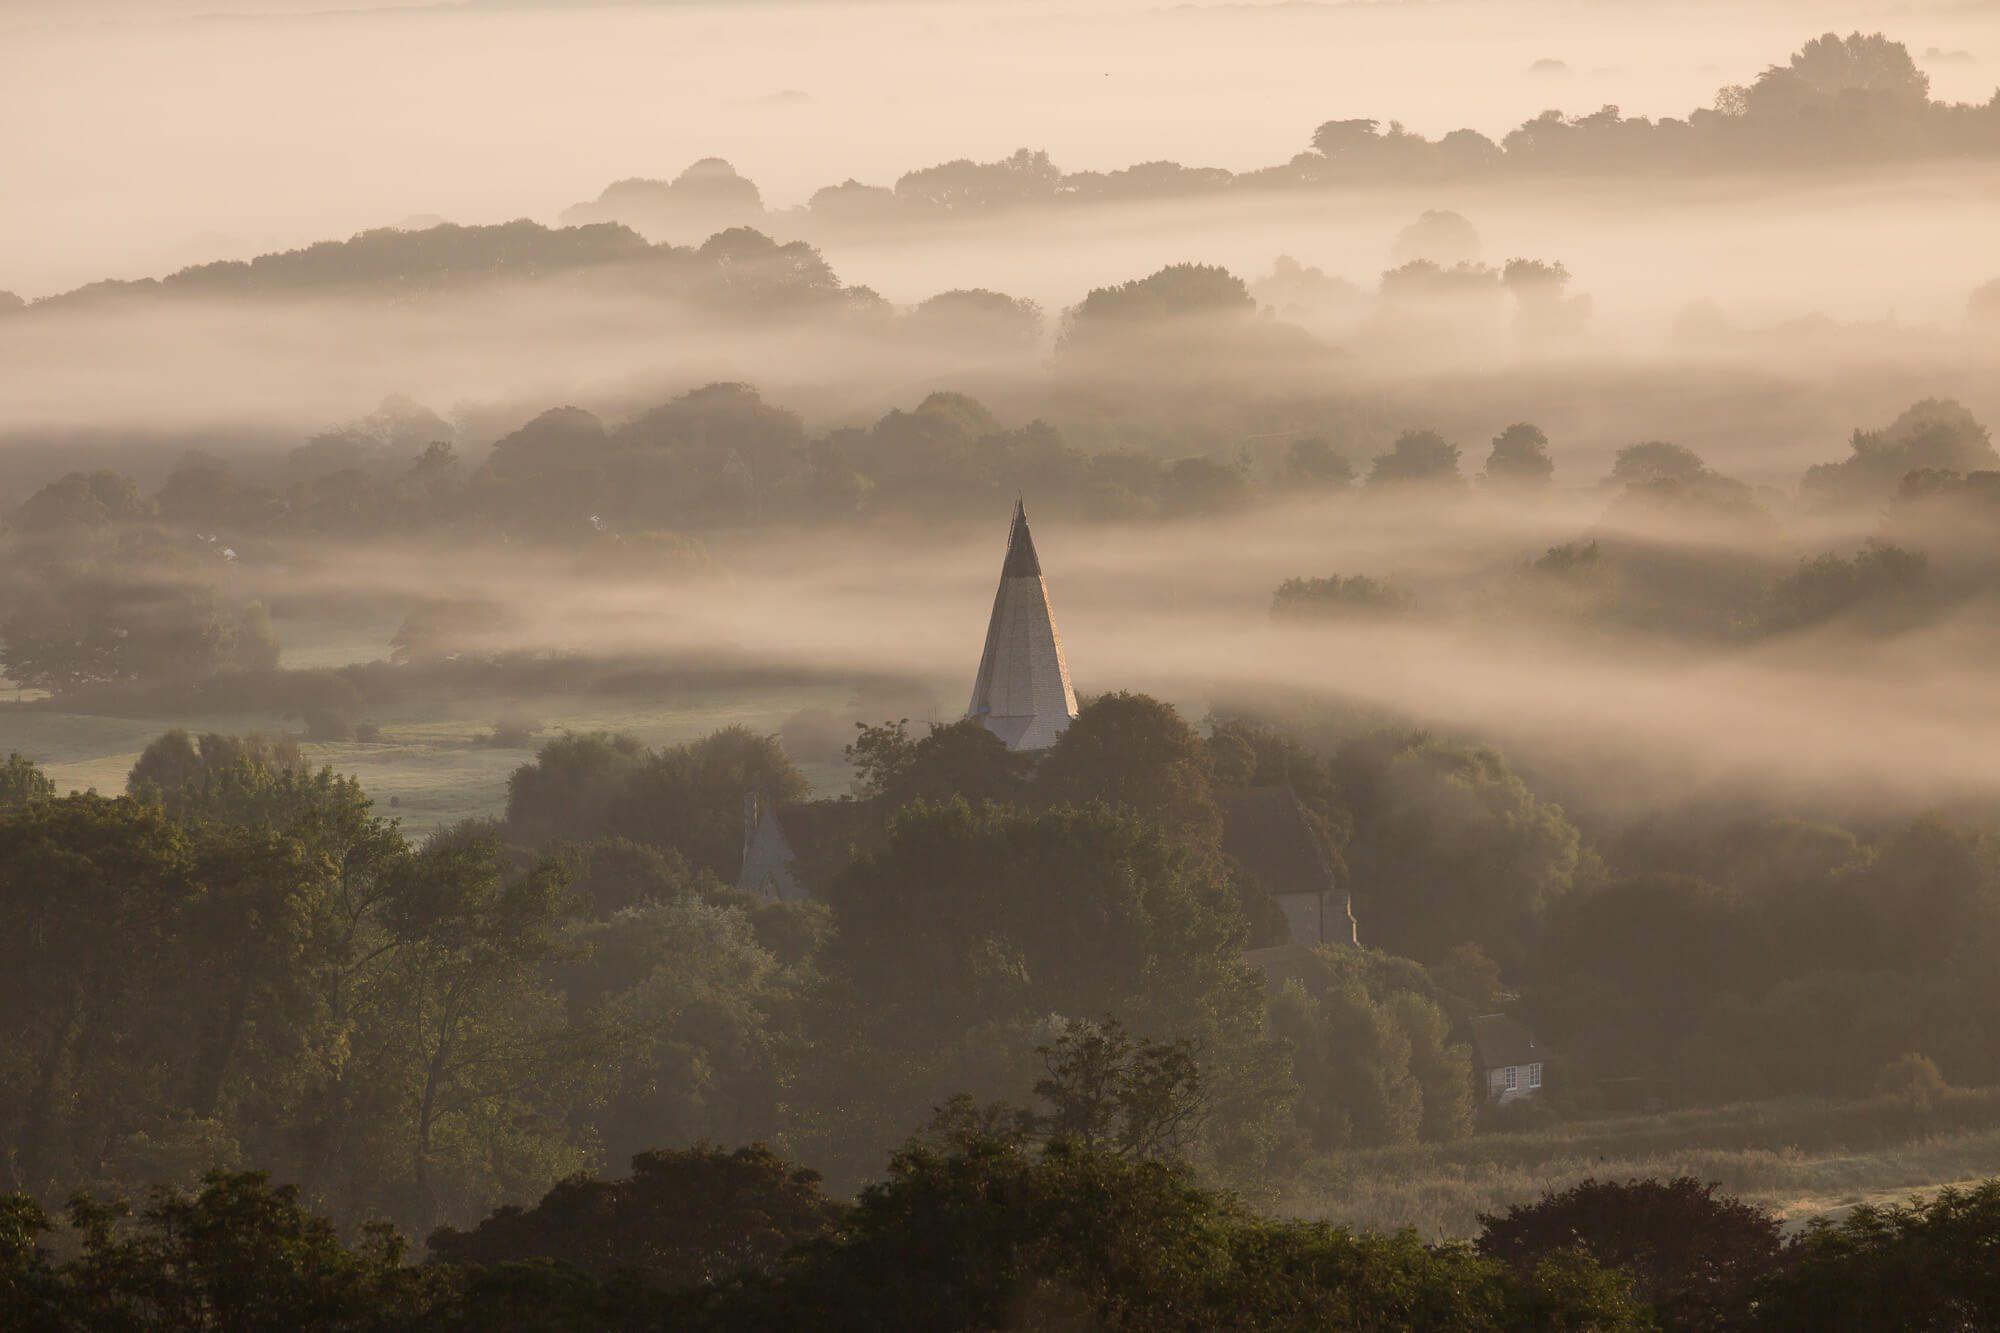 Village Mist